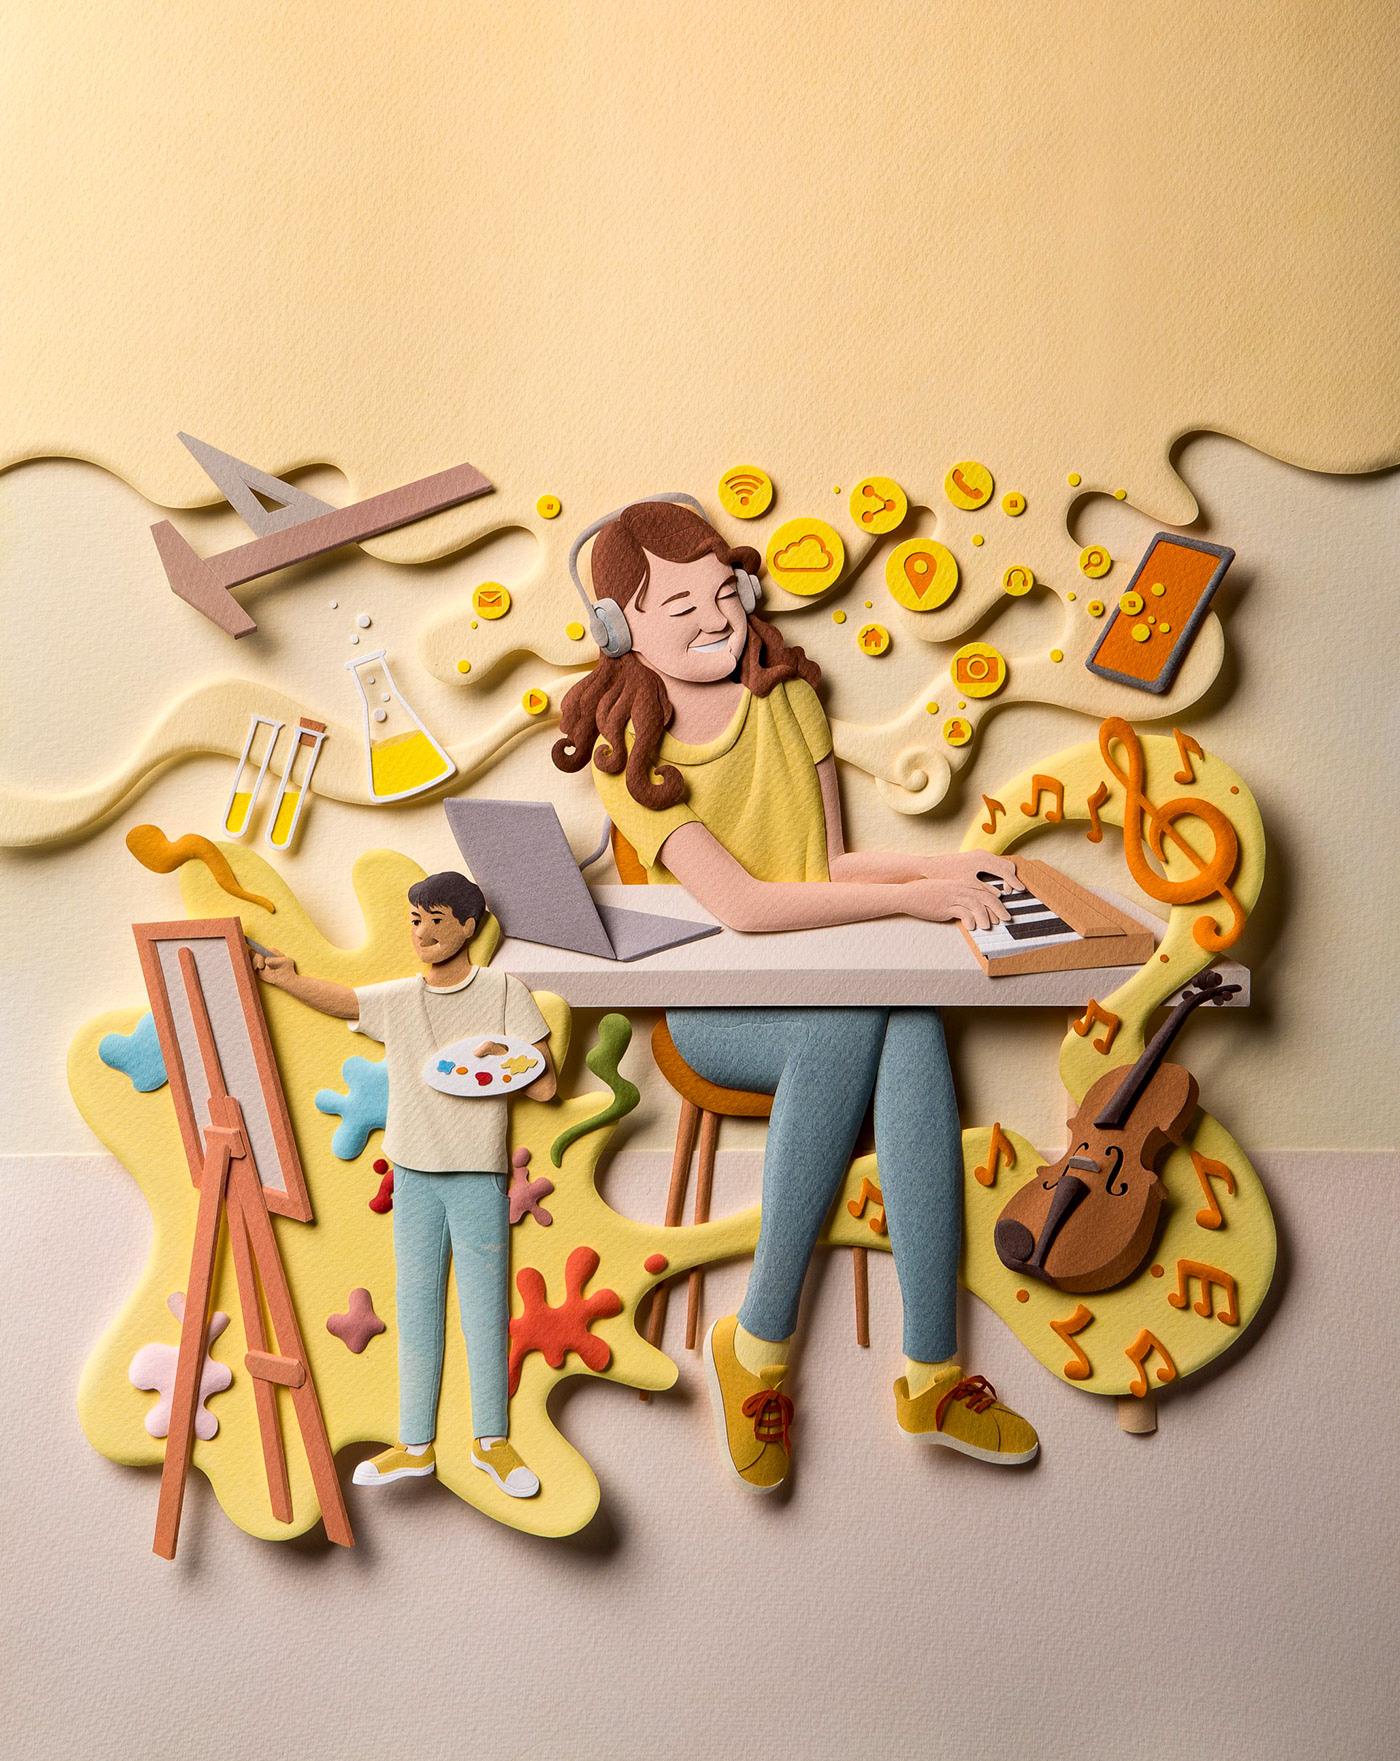 Illustration, Graphic Design, Crafts